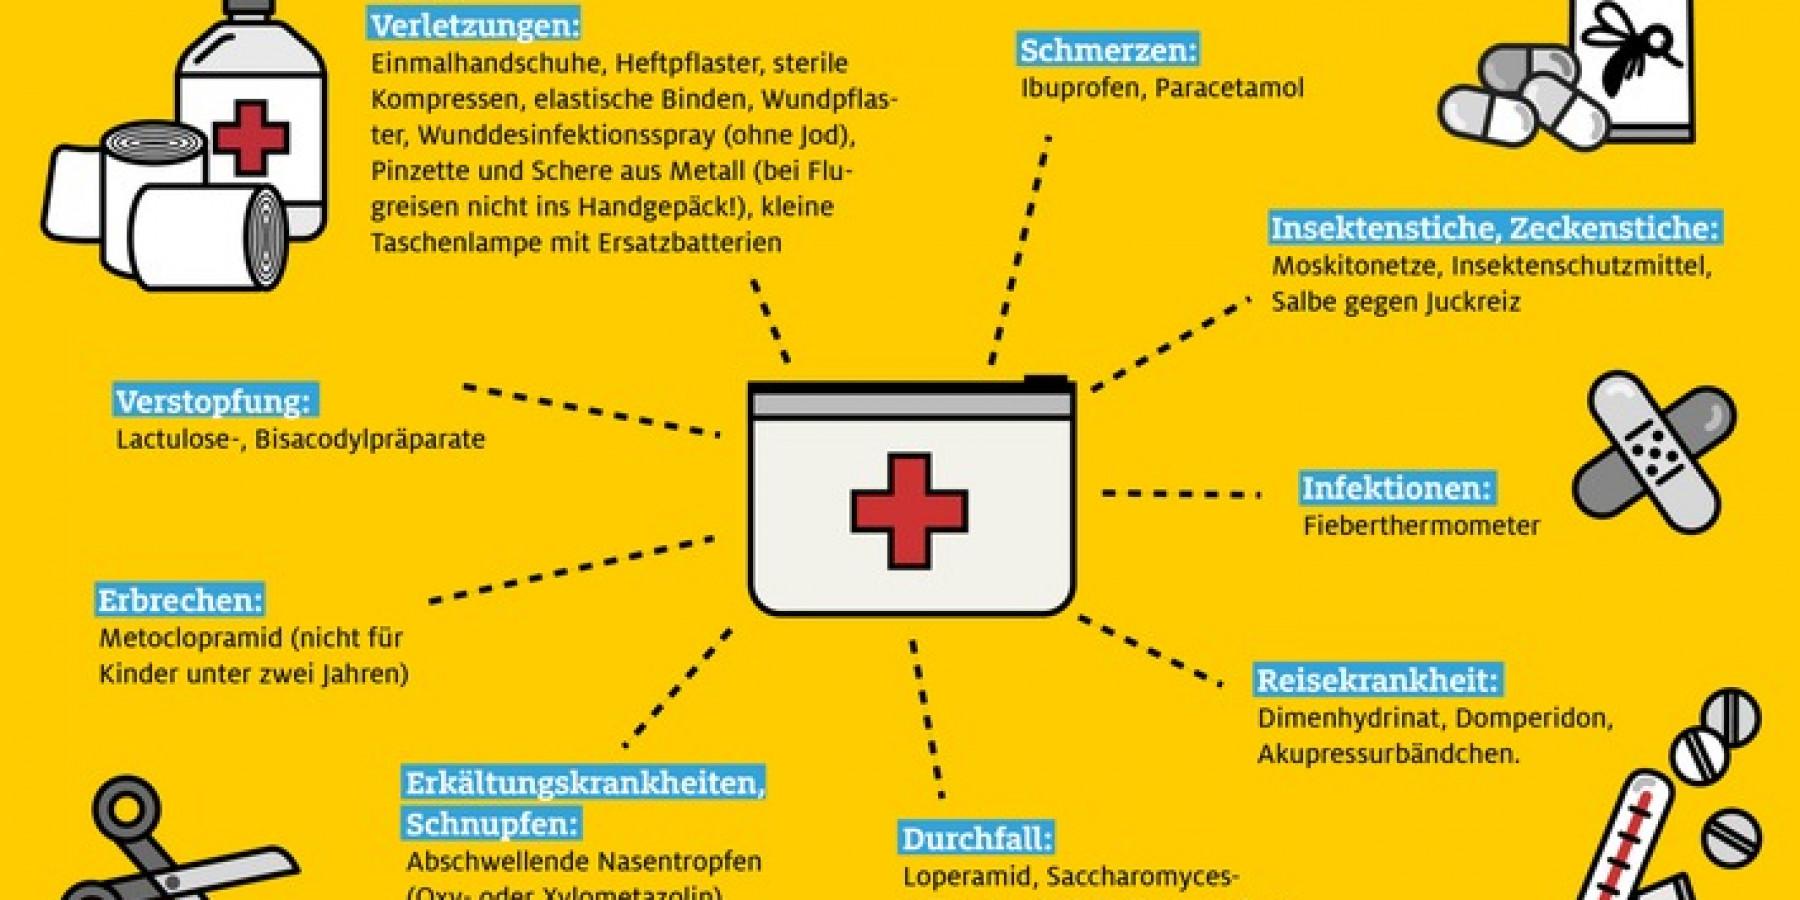 Medikamente im Urlaub oft lebenswichtig – Manche Arzneimittel im Ausland nicht erhältlich